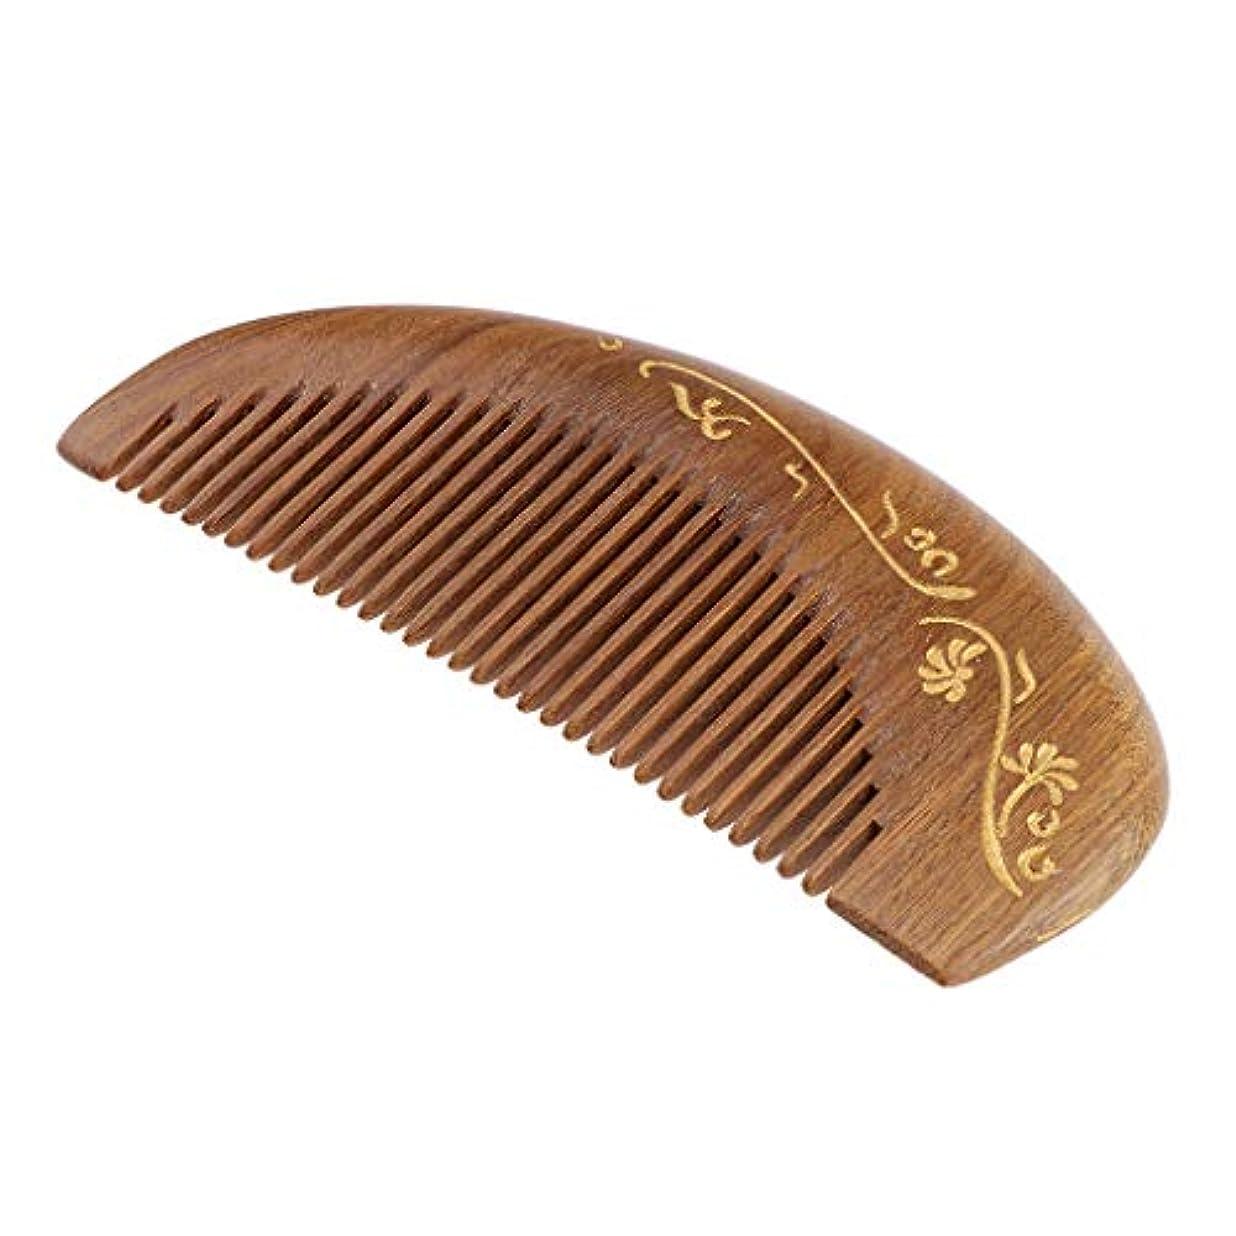 調停するプランテーションシーボード帯電防止櫛 ウッドヘアーコーム 頭皮マッサージ 櫛 レトロ 4仕様選べ - #2